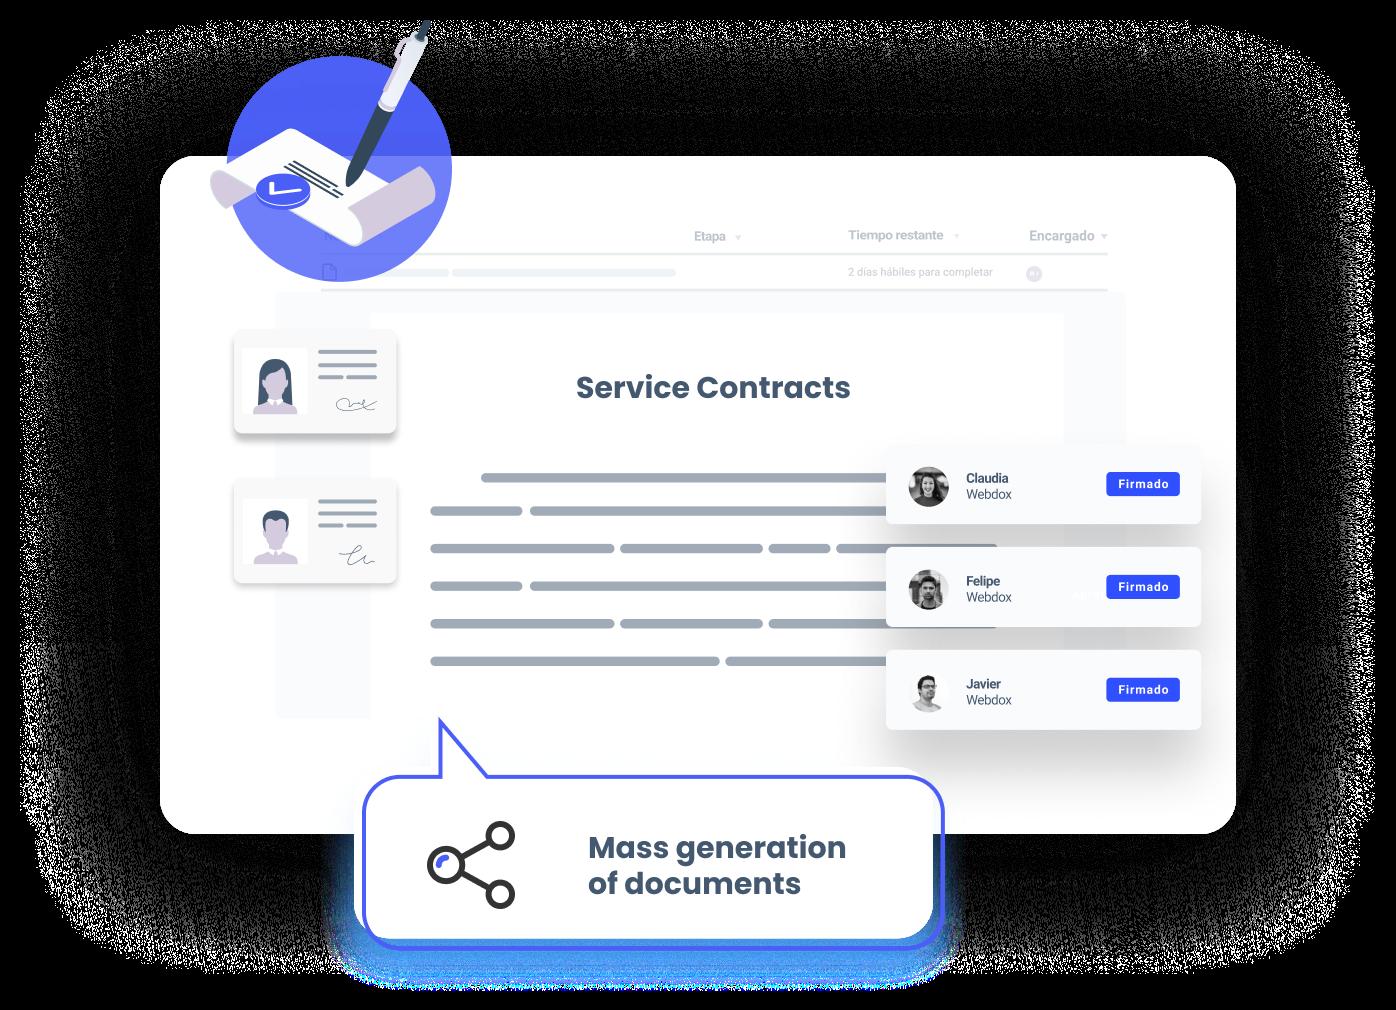 webdox-contratos-digitales-service-contracts